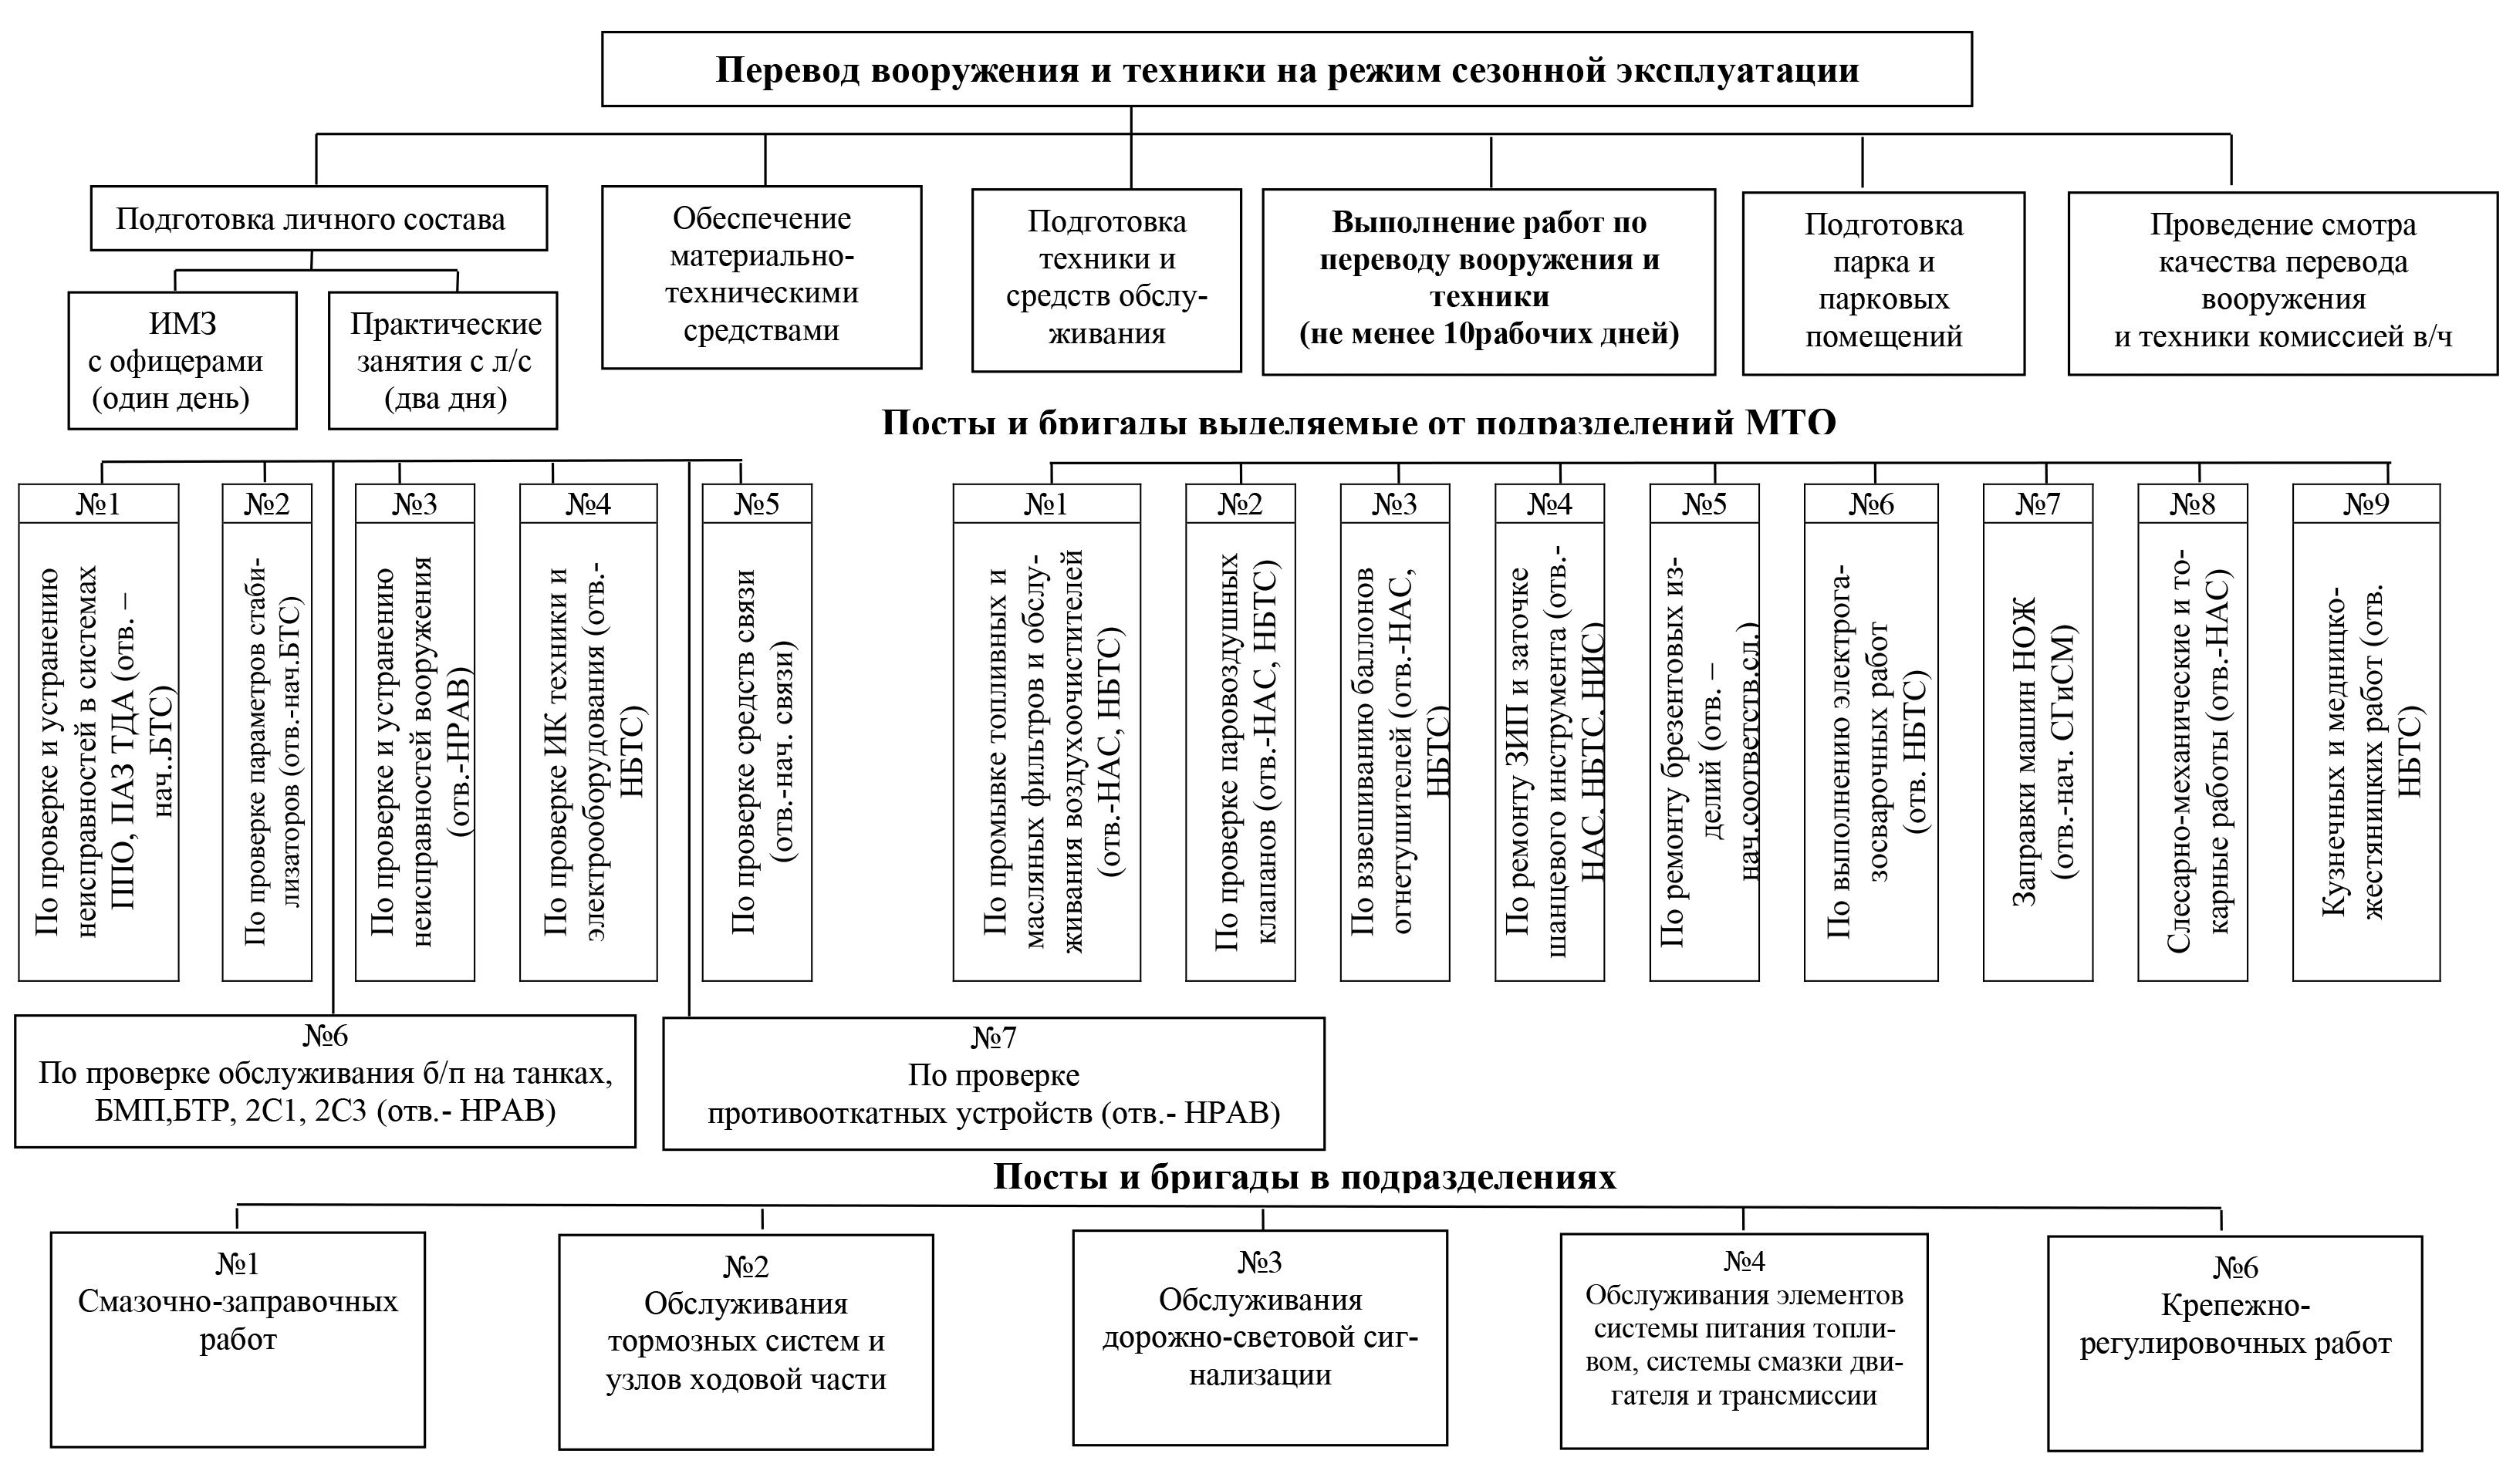 Организации перевода вооружения и техники на режим сезонной эксплуатации